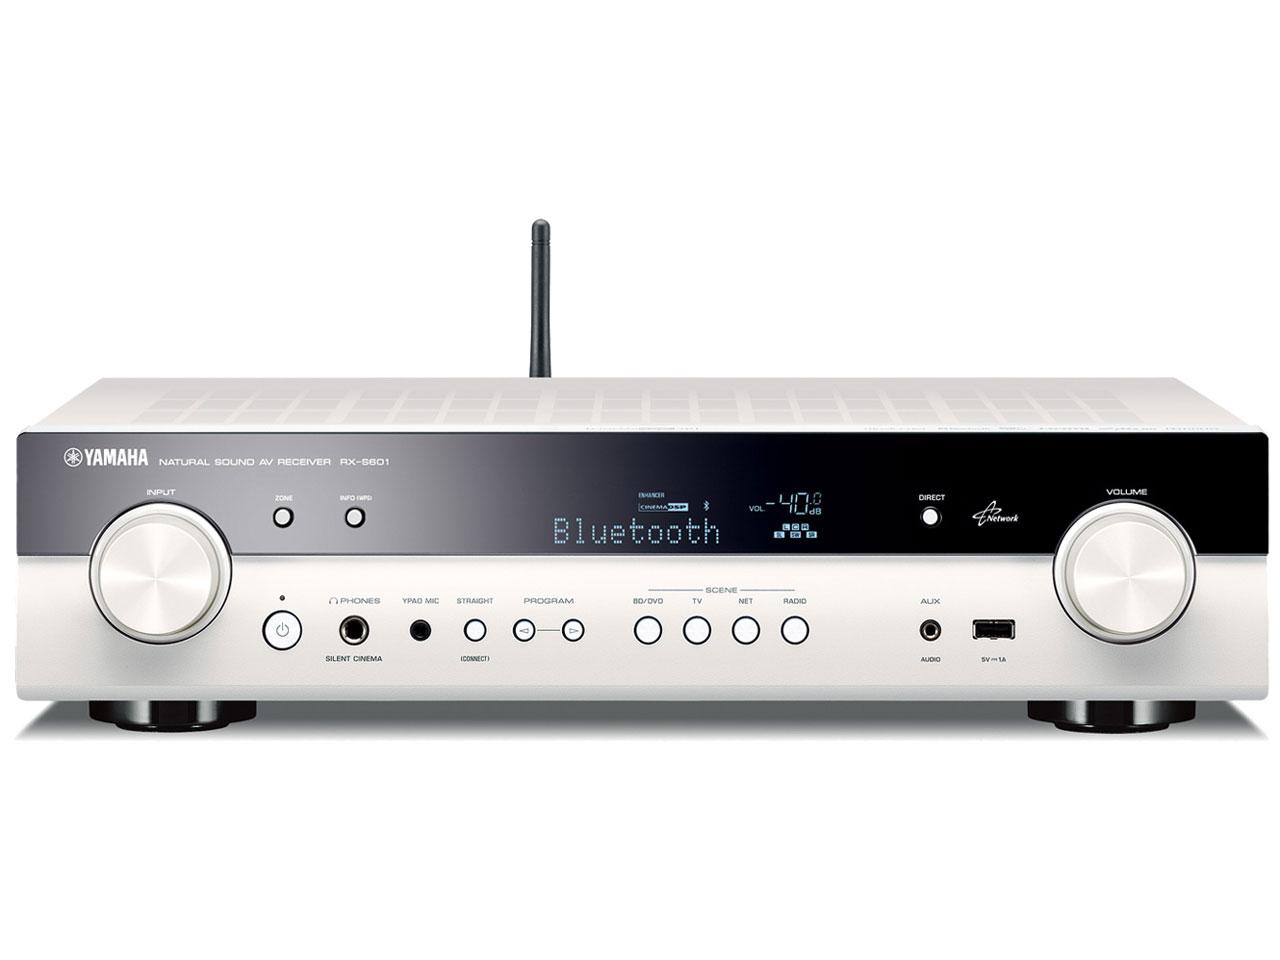 『本体』 RX-S601(W) [ホワイト] の製品画像